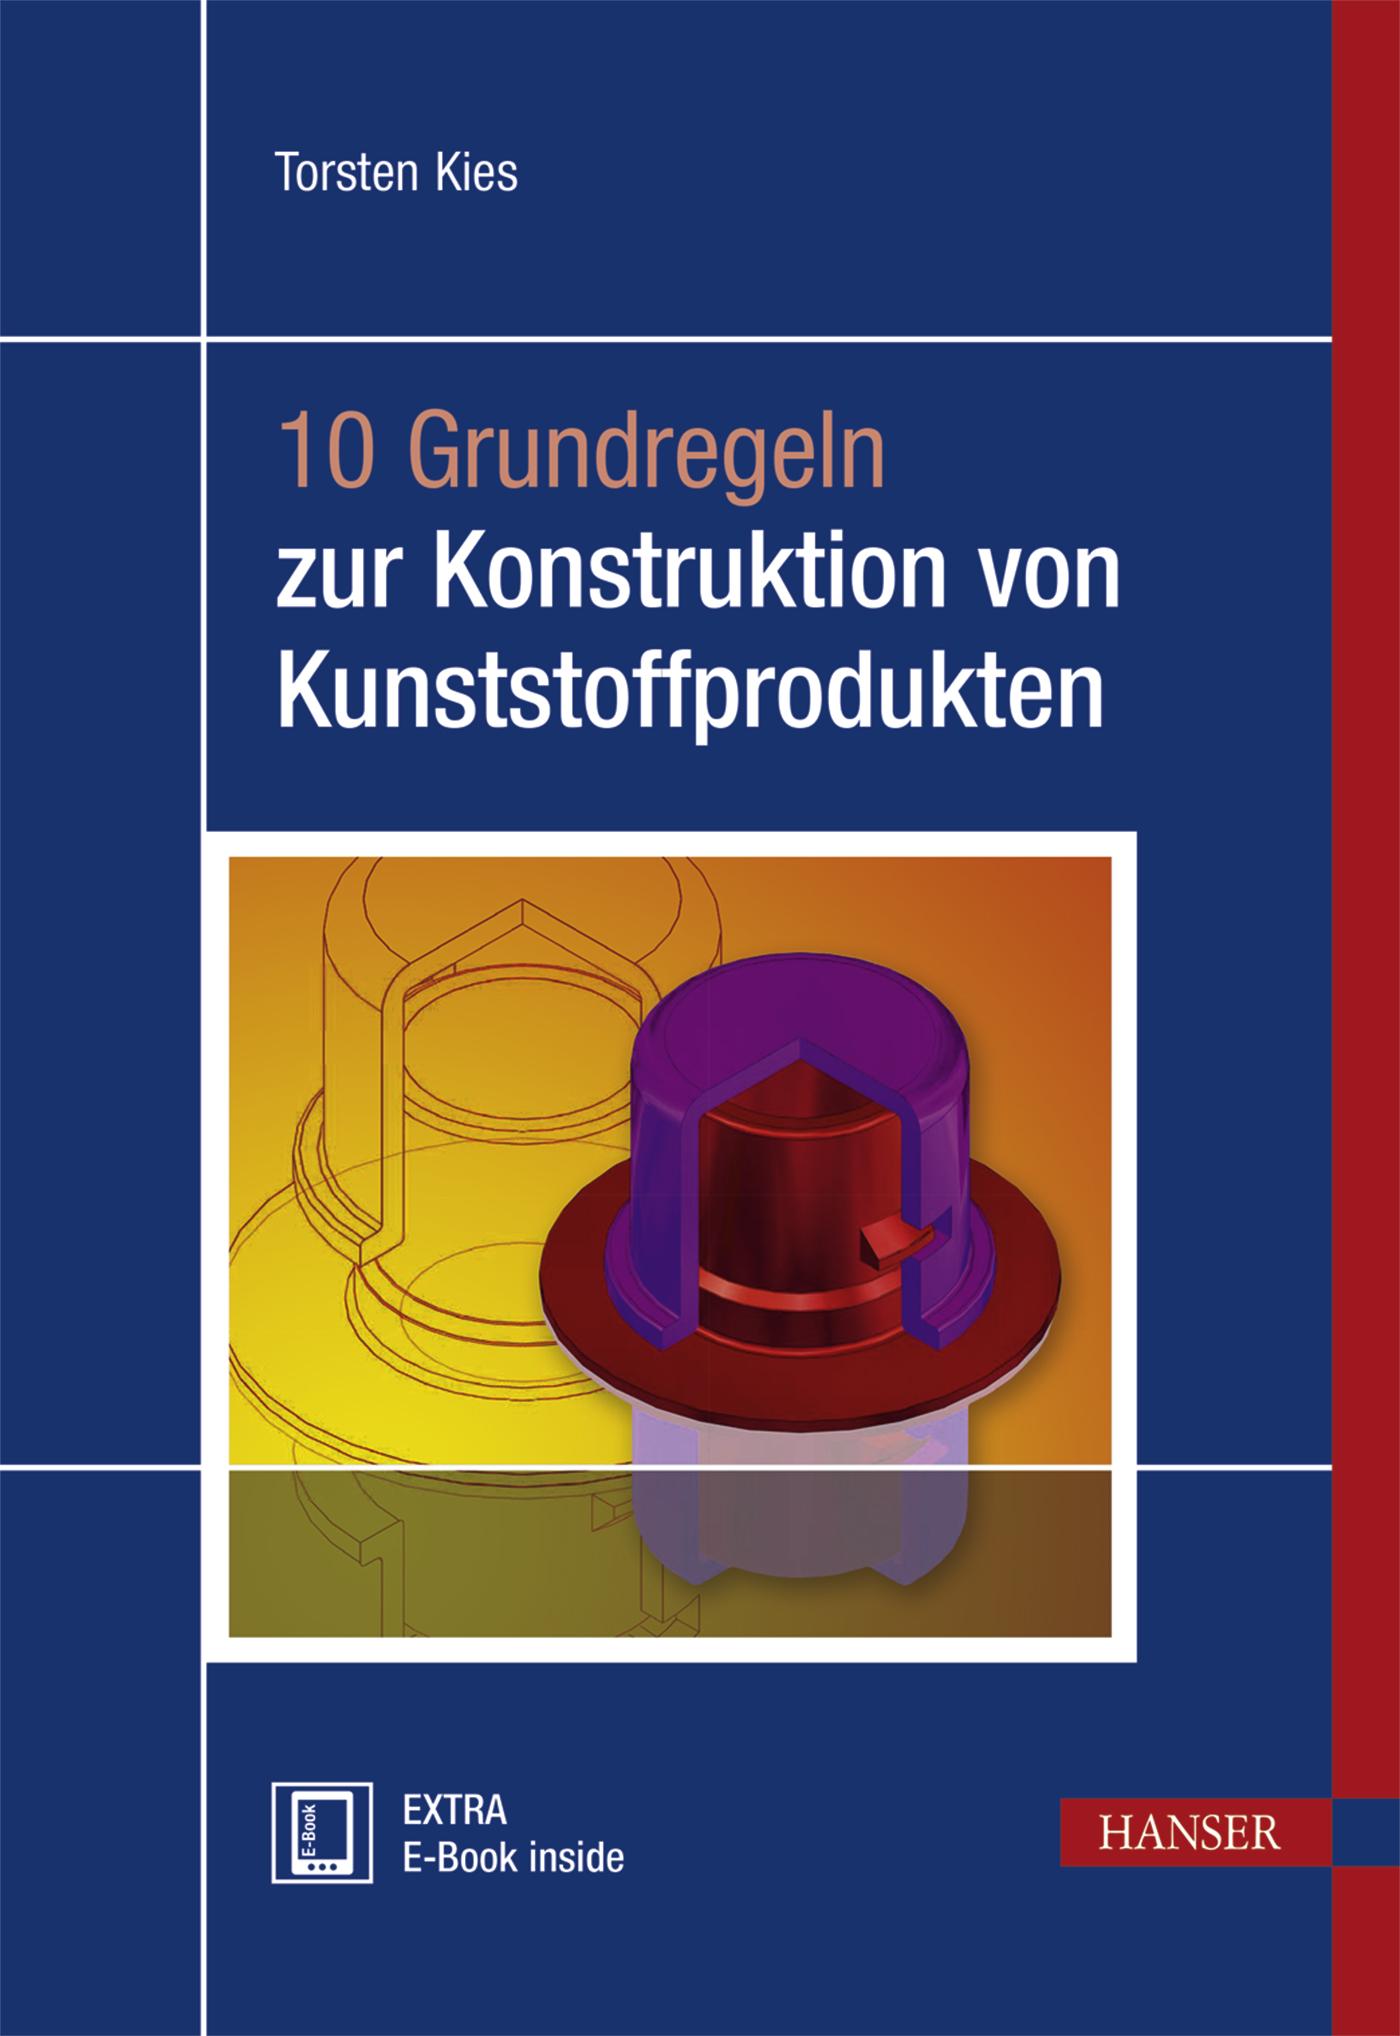 Kies, 10 Grundregeln zur Konstruktion von Kunststoffprodukten, 978-3-446-44230-6